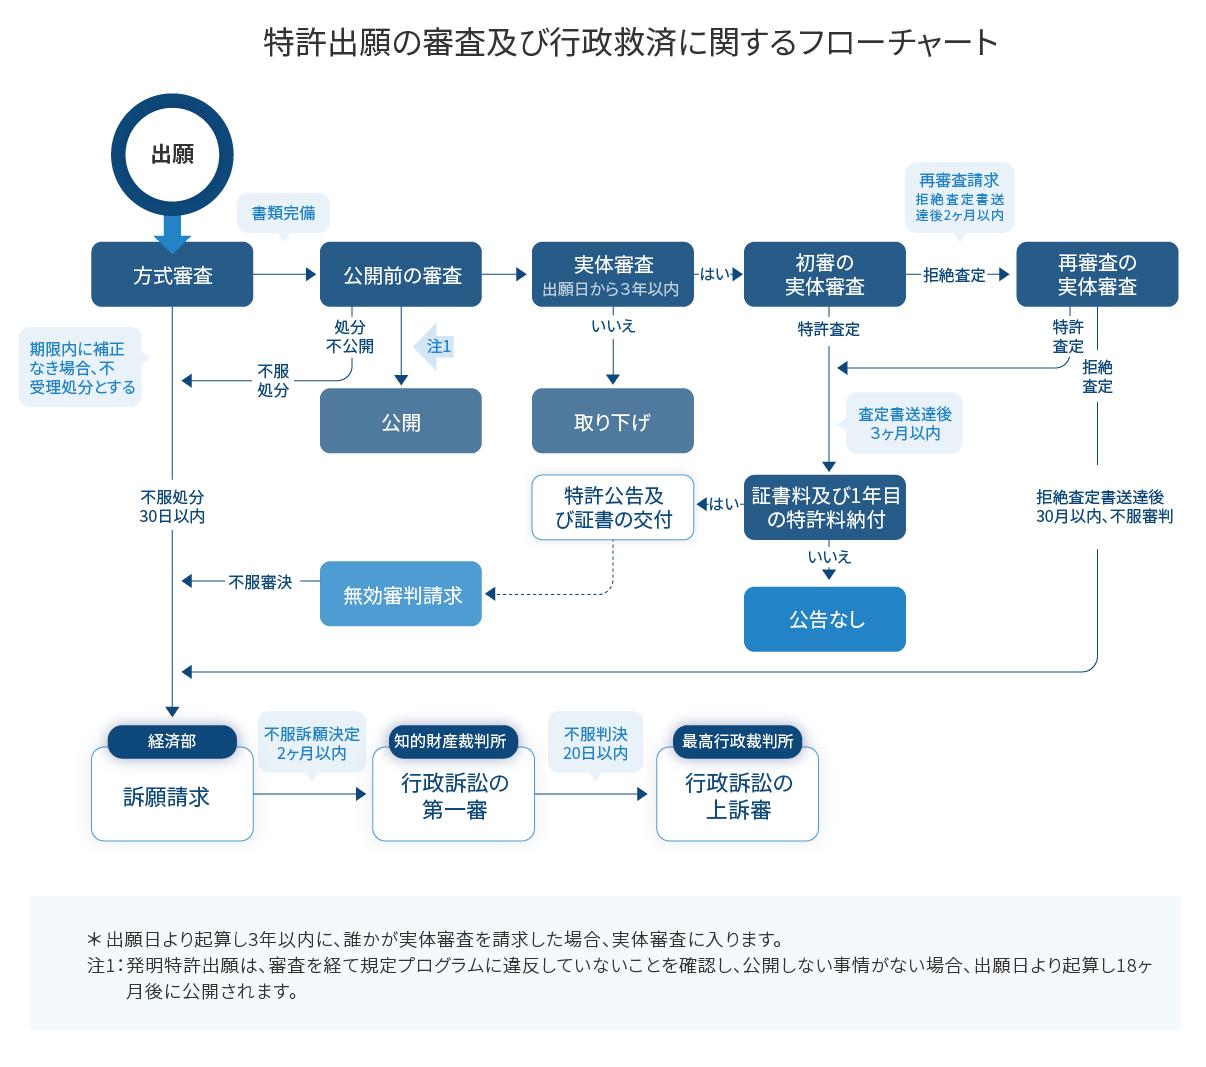 特許出願の審査及び行政救済に関するフローチャート